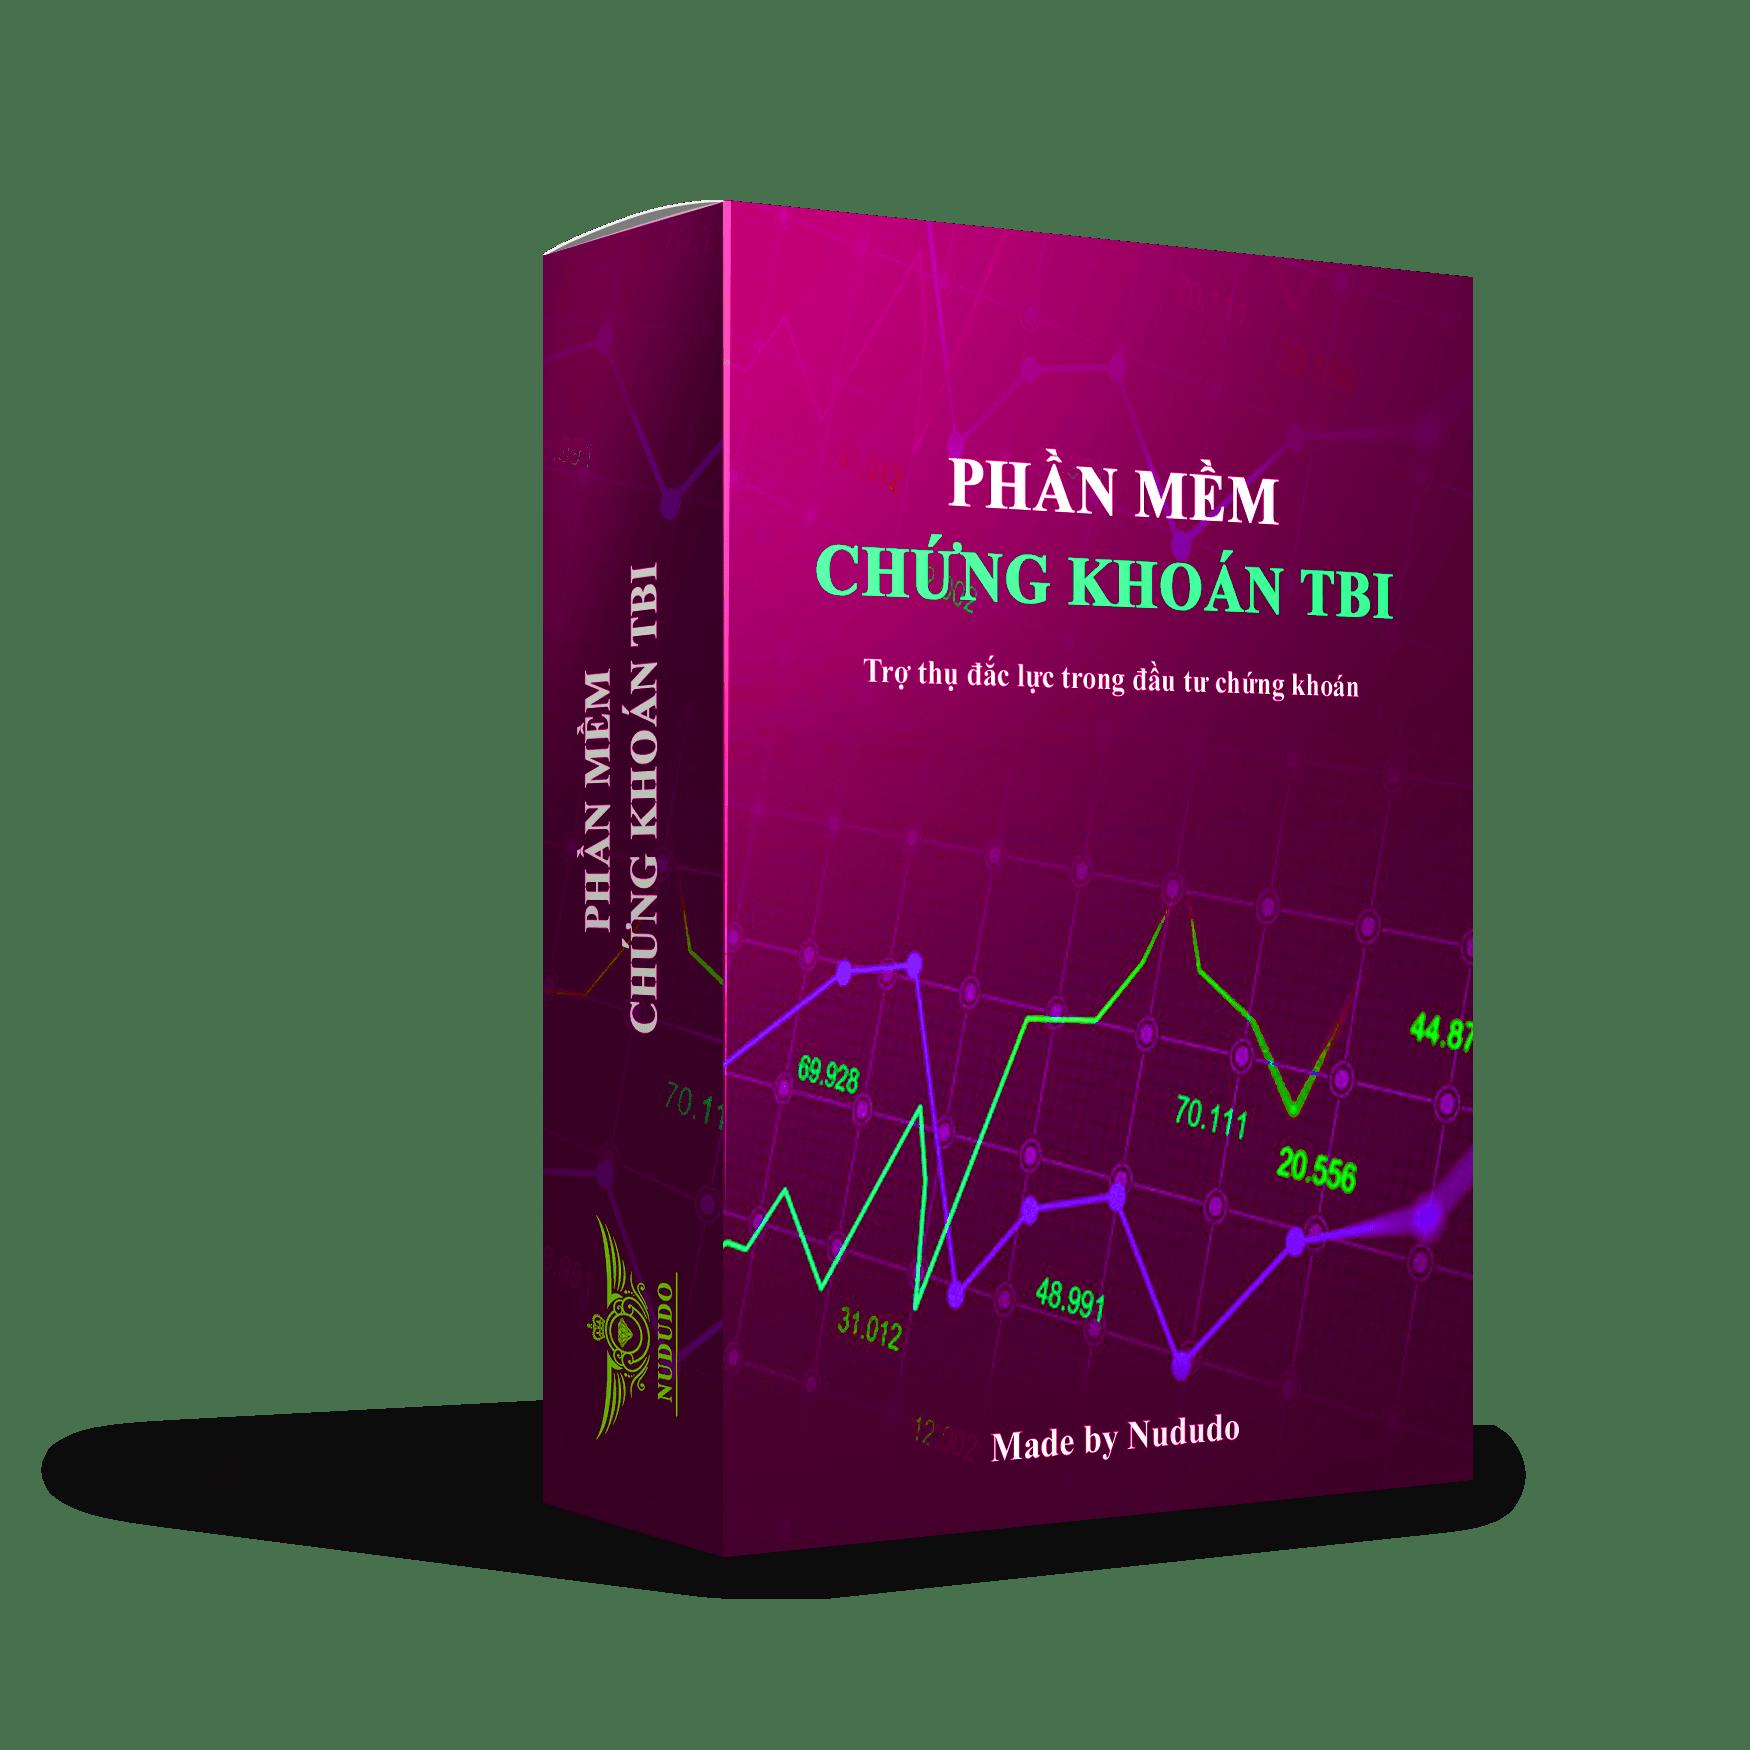 Phần mềm chứng khoán_Nududo_TBI